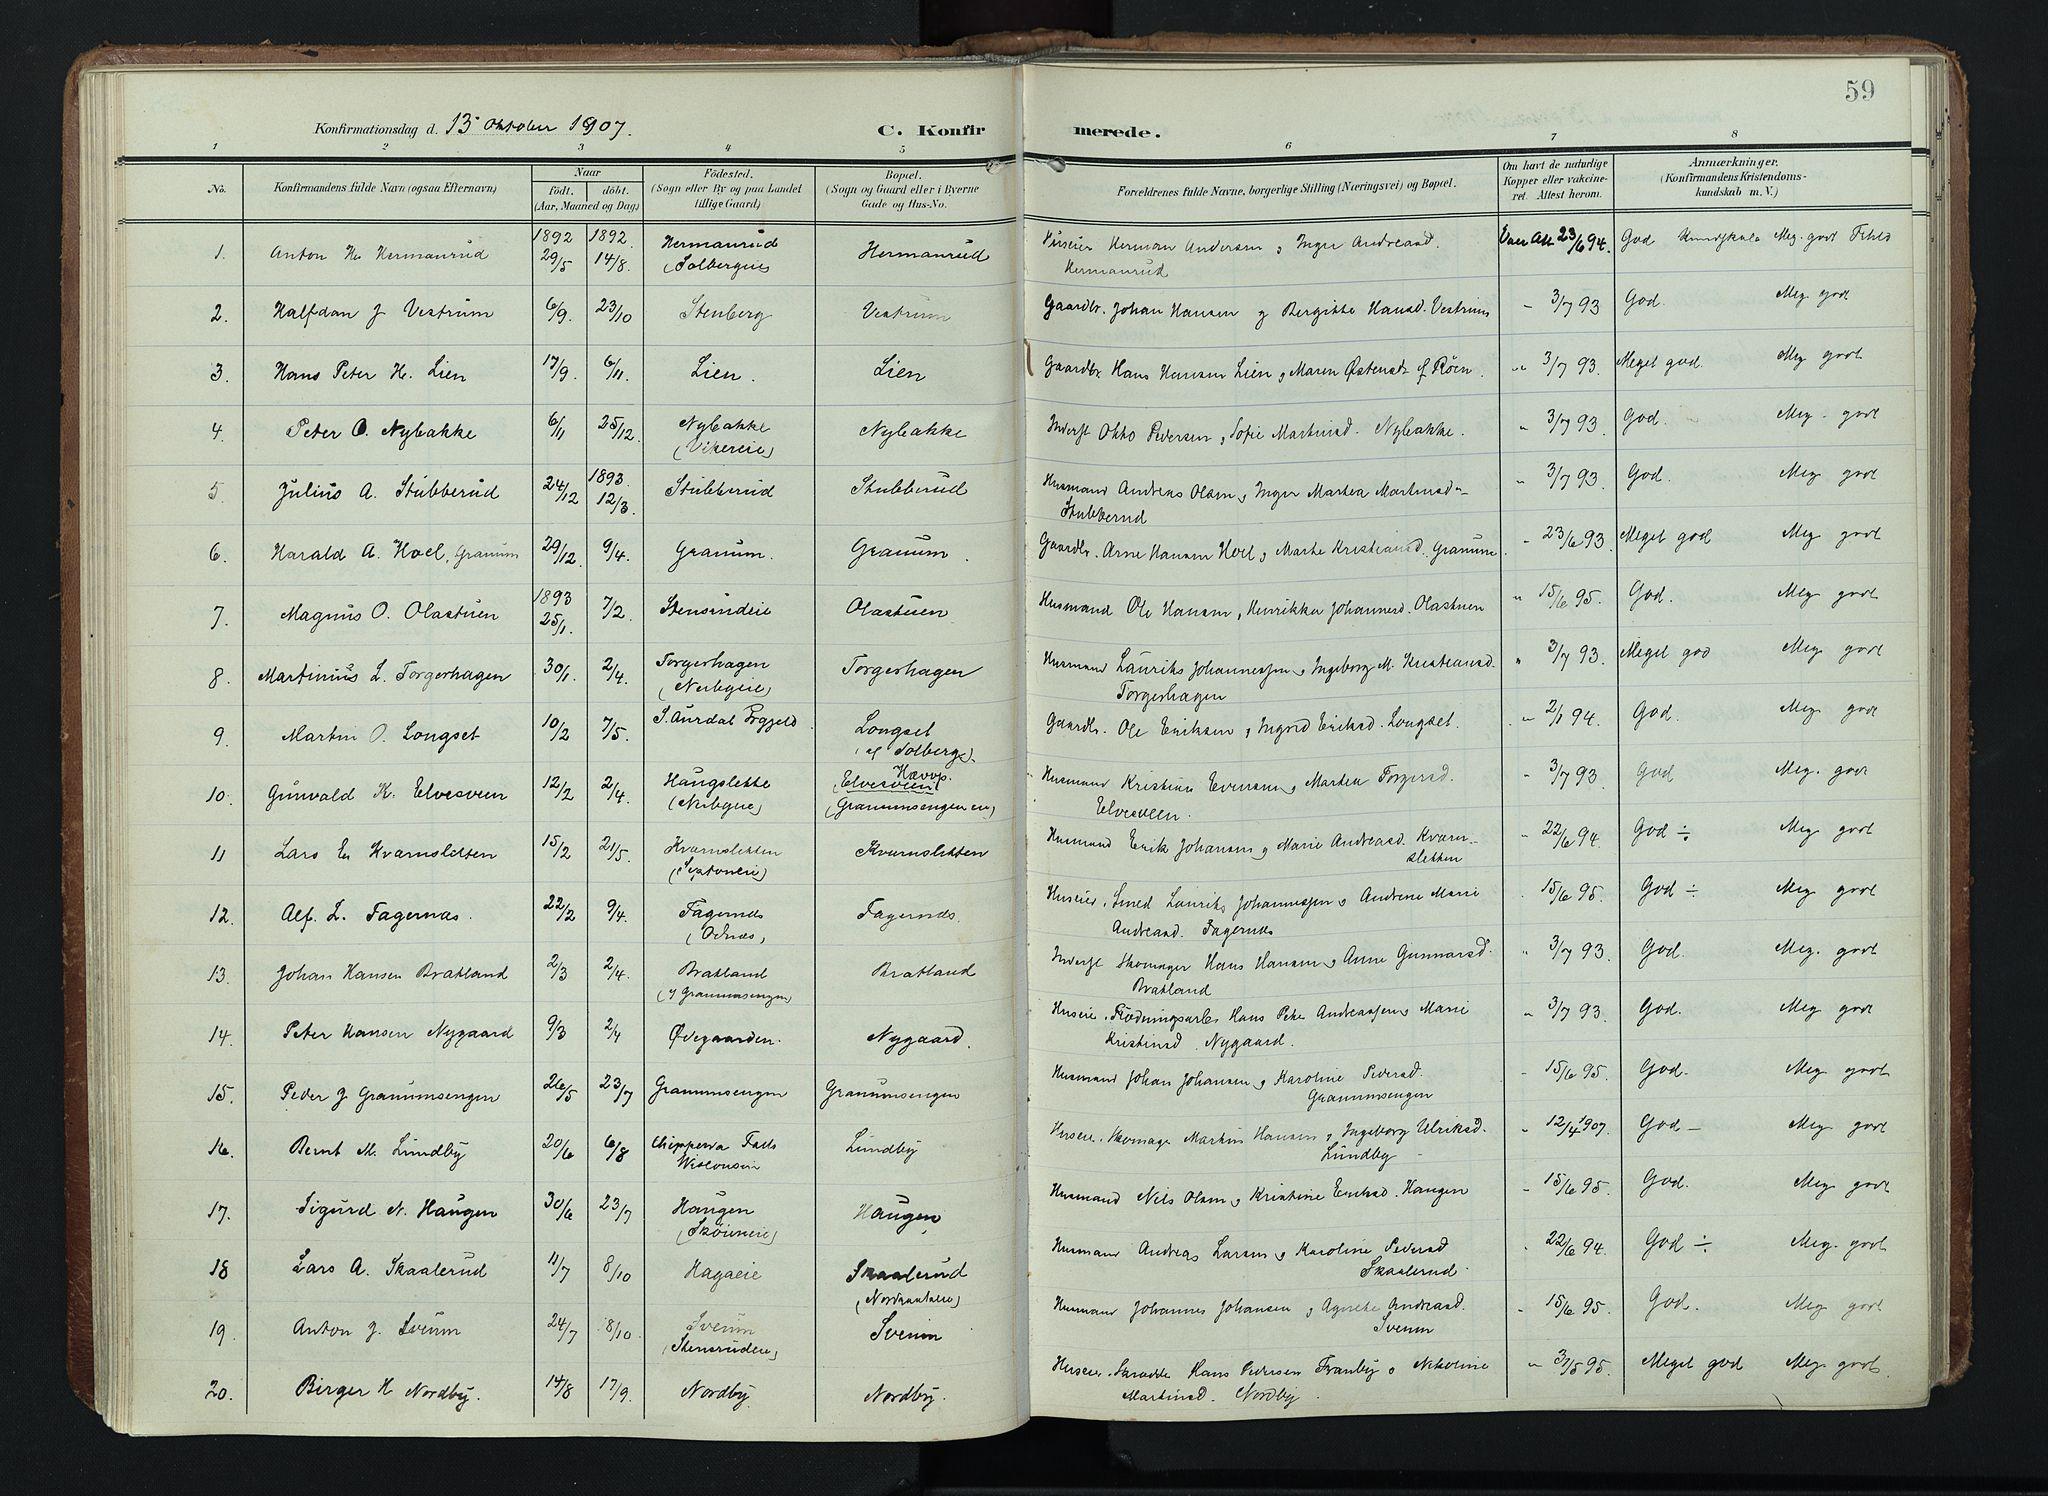 SAH, Søndre Land prestekontor, K/L0005: Ministerialbok nr. 5, 1905-1914, s. 59